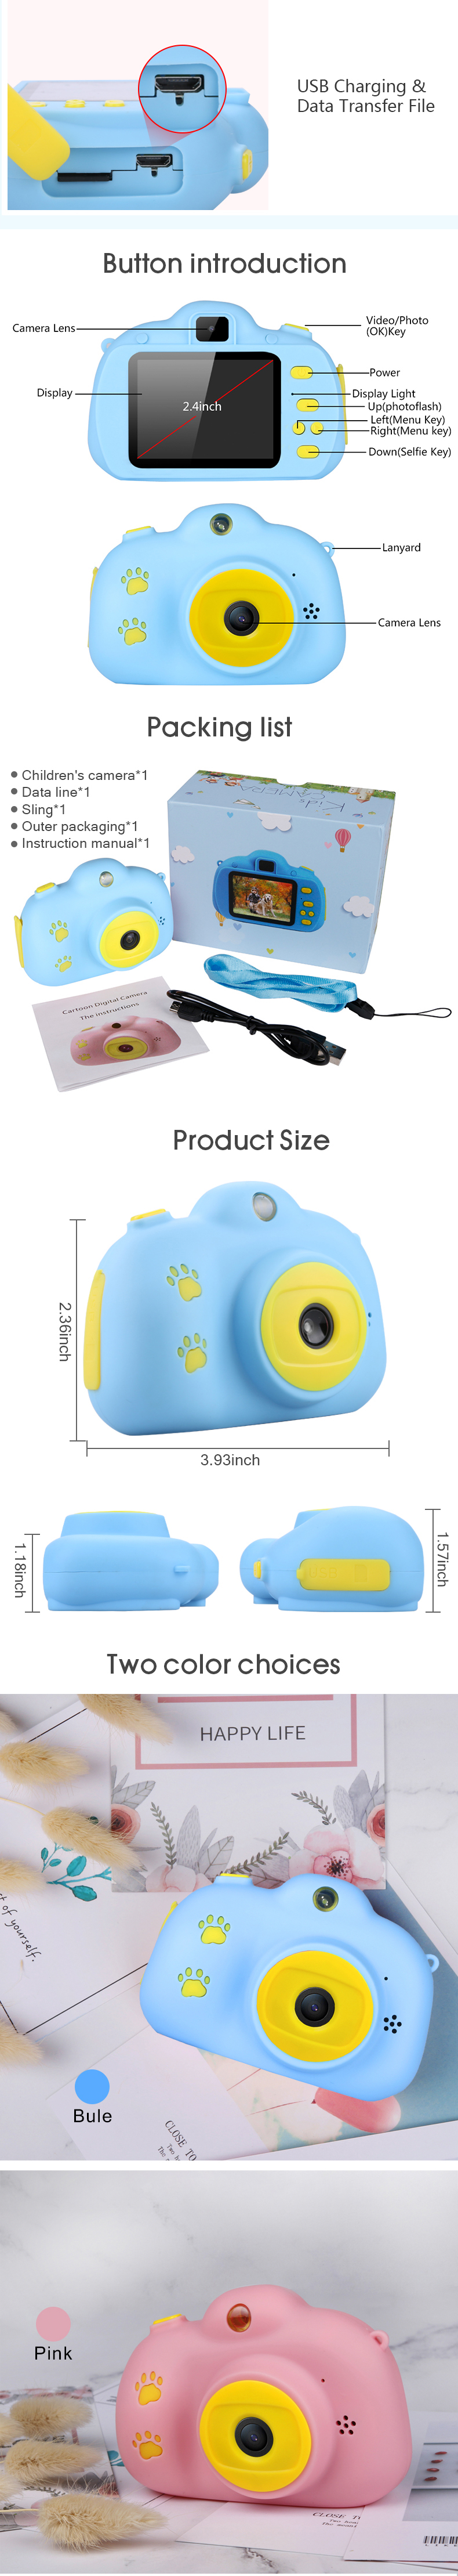 儿童相机详情页_05